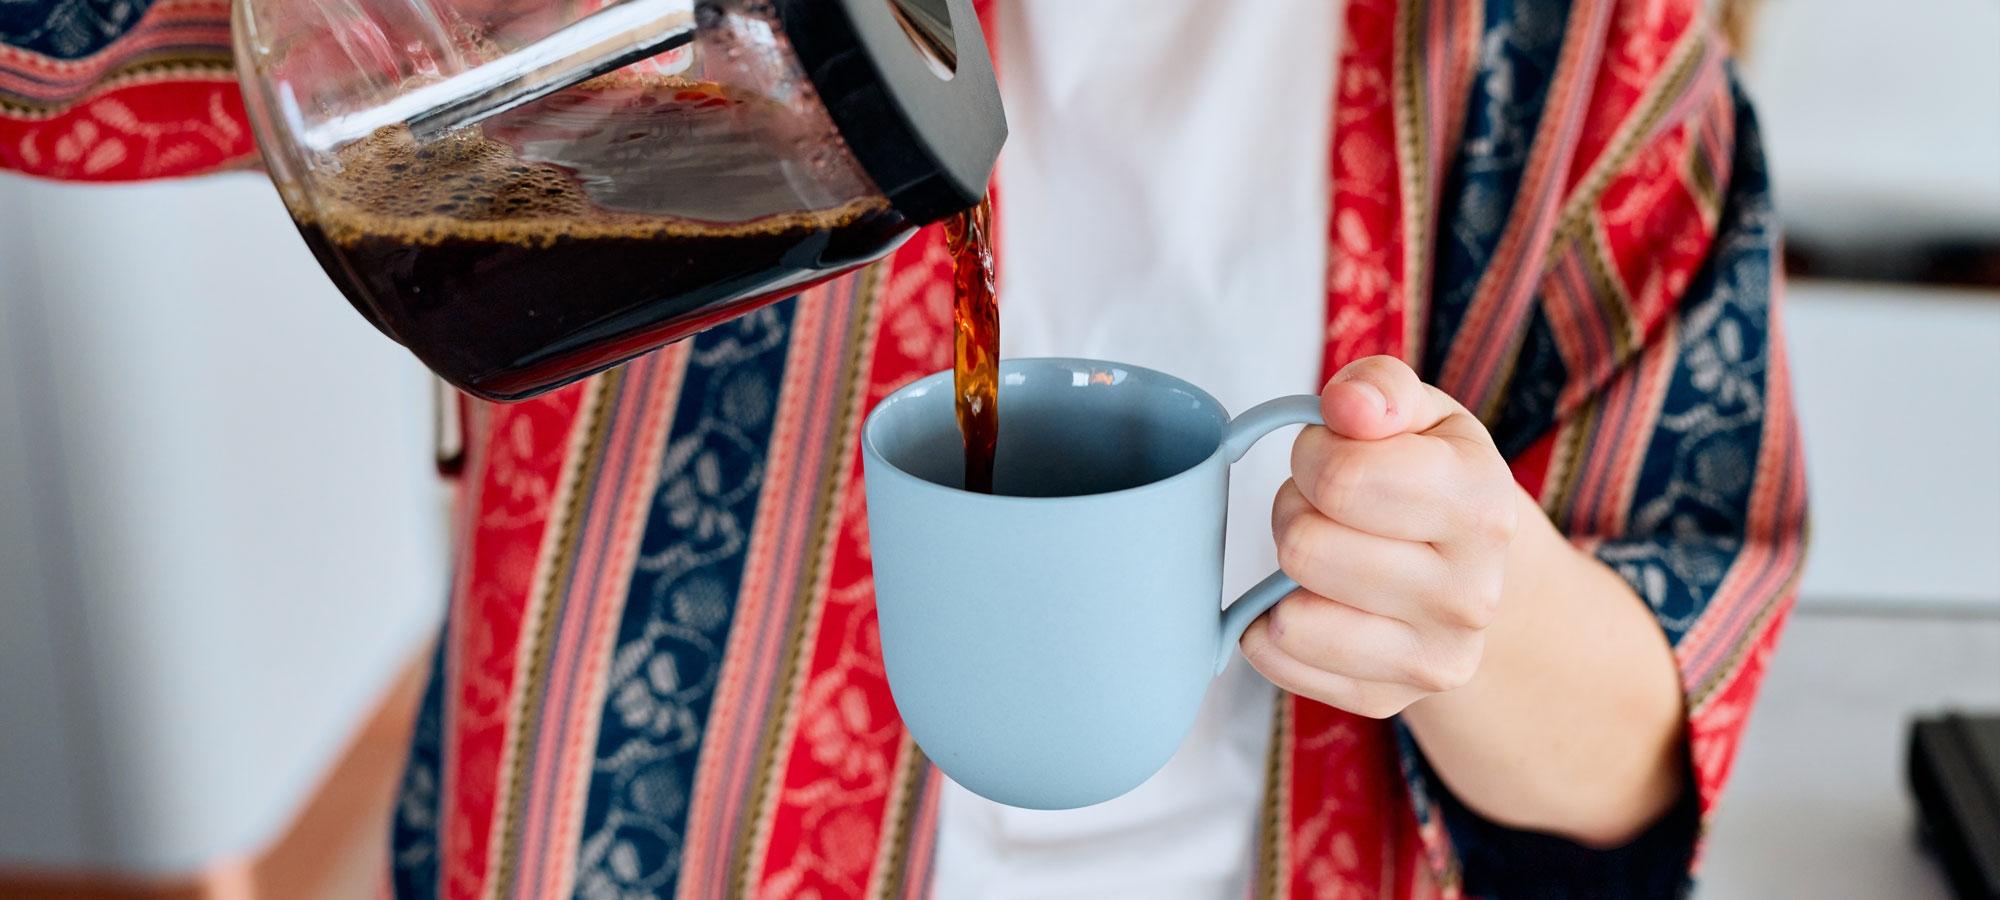 Jos kahvissa on suklaisia makuvivahteita onko siinä silloin suklaata